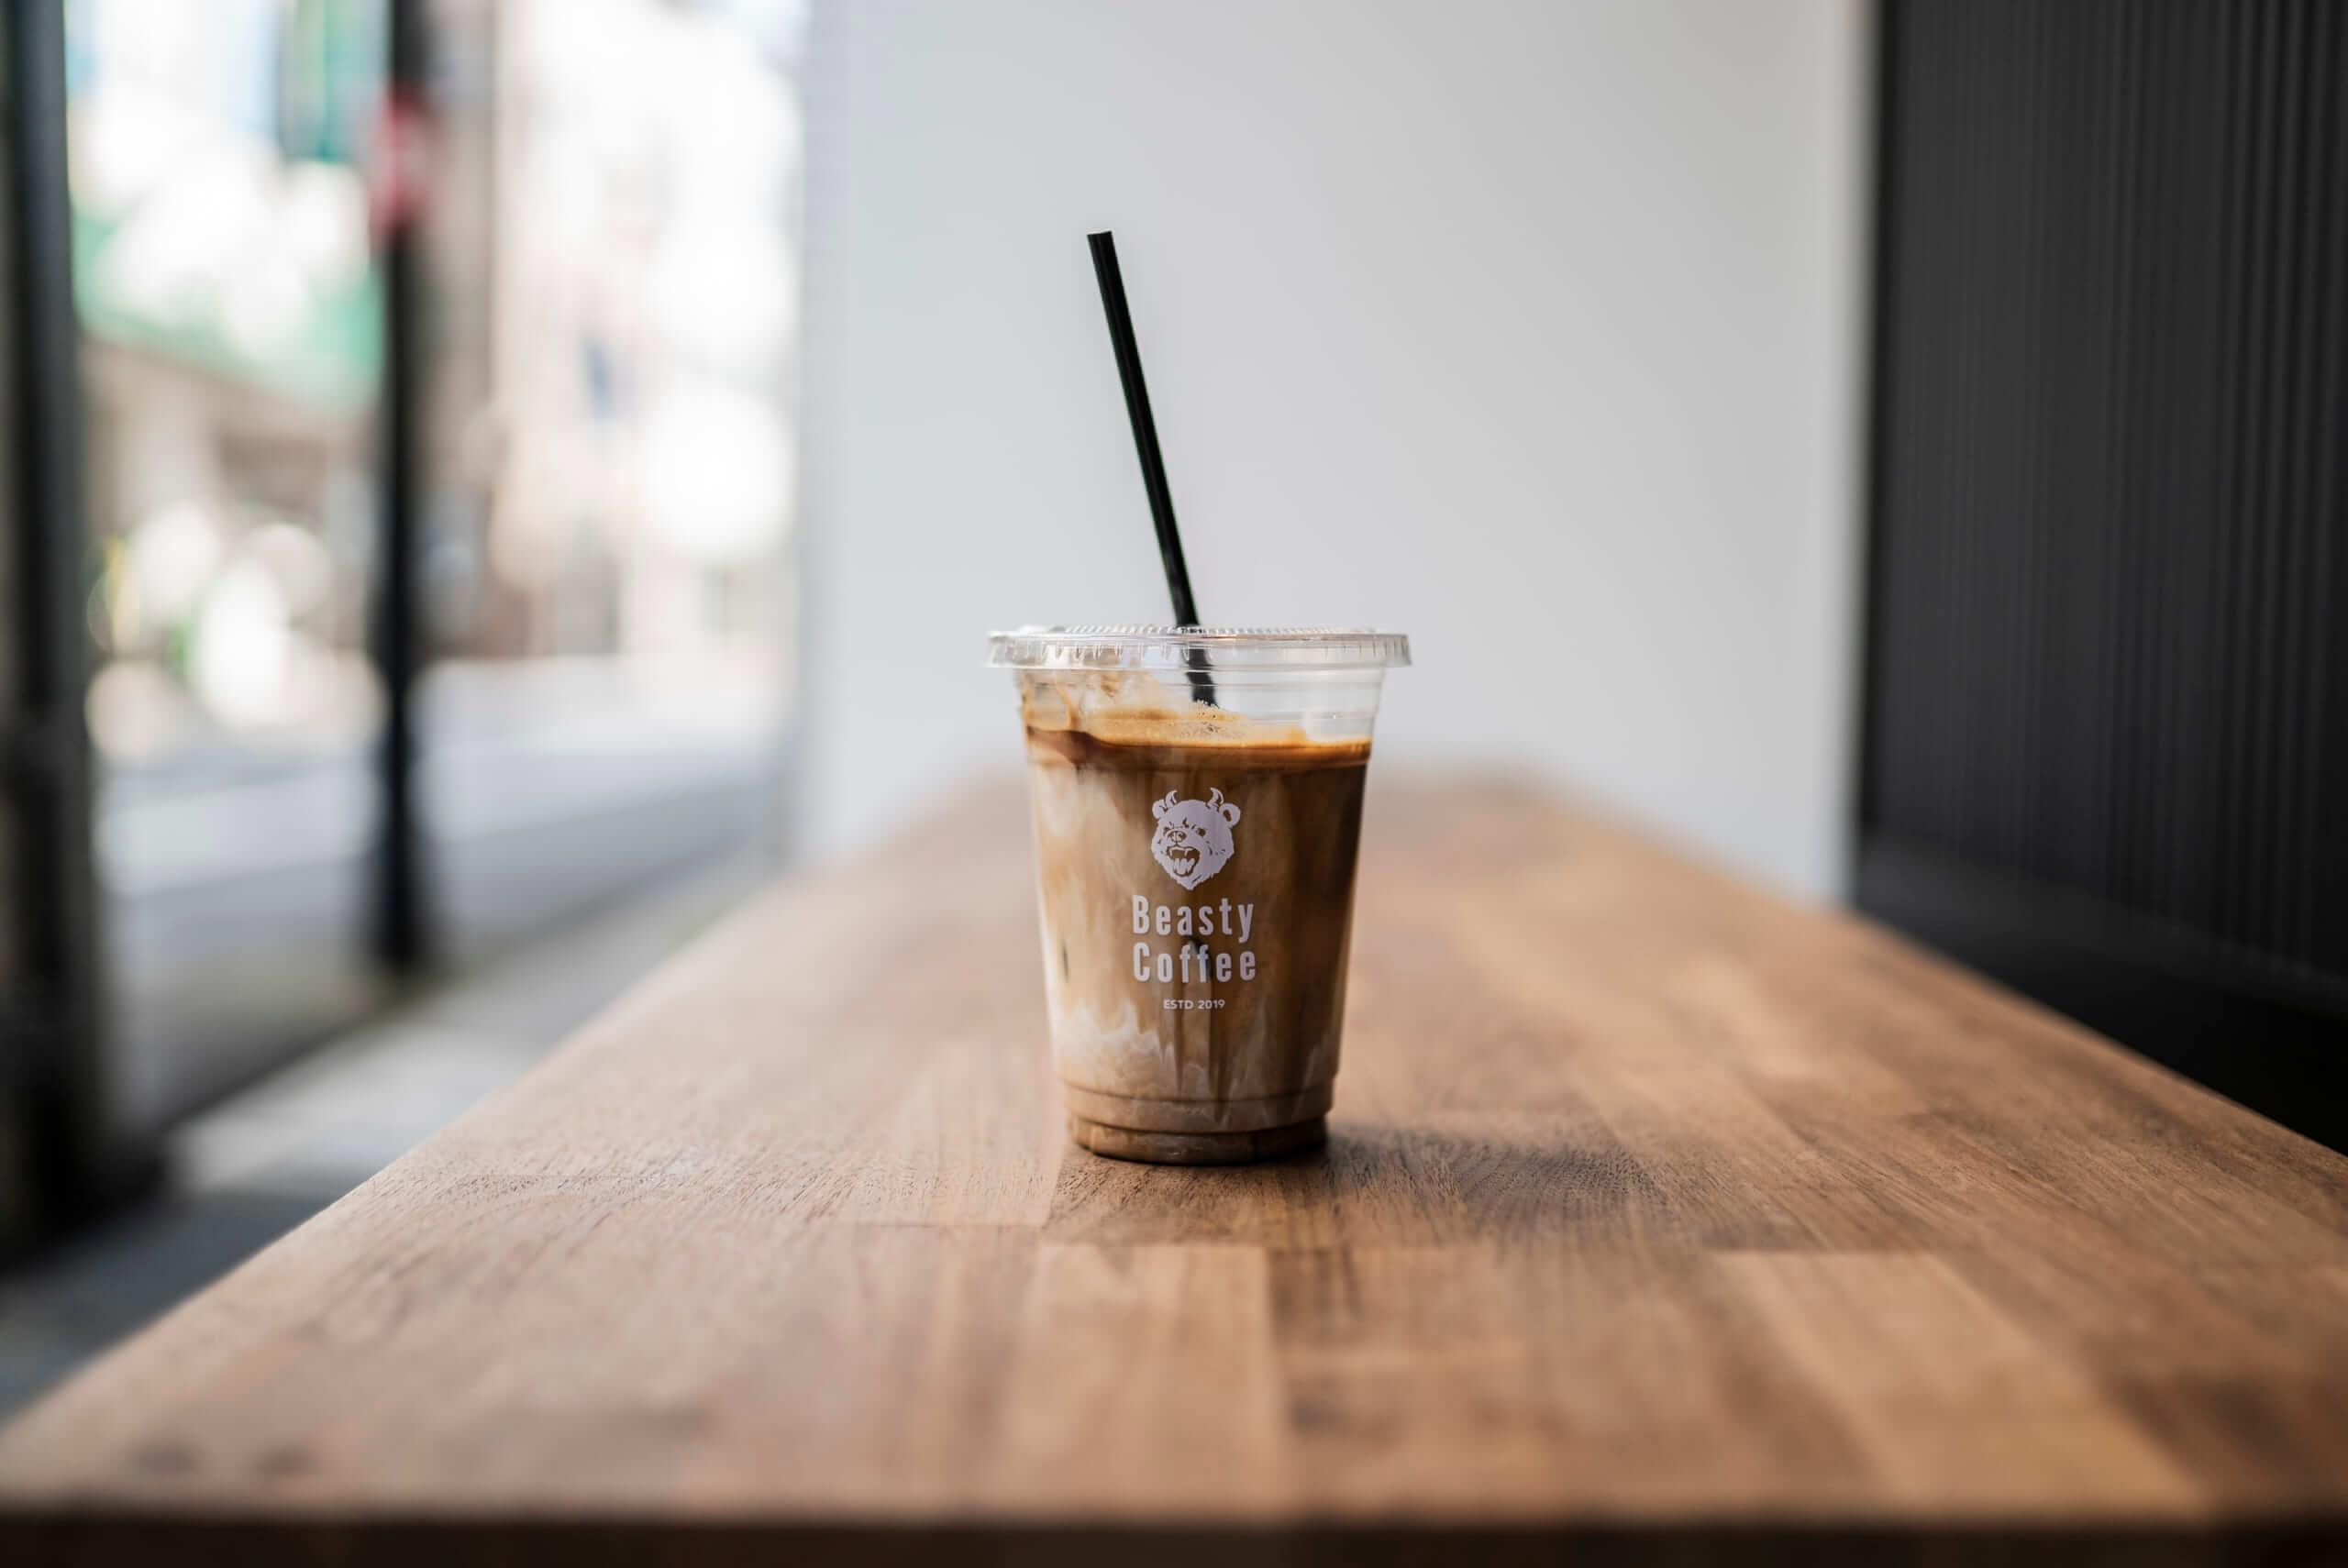 Beasty Coffee [cafe laboratory](ビースティーコーヒー カフェラボラトリー)のラテ/¥550(税込み)